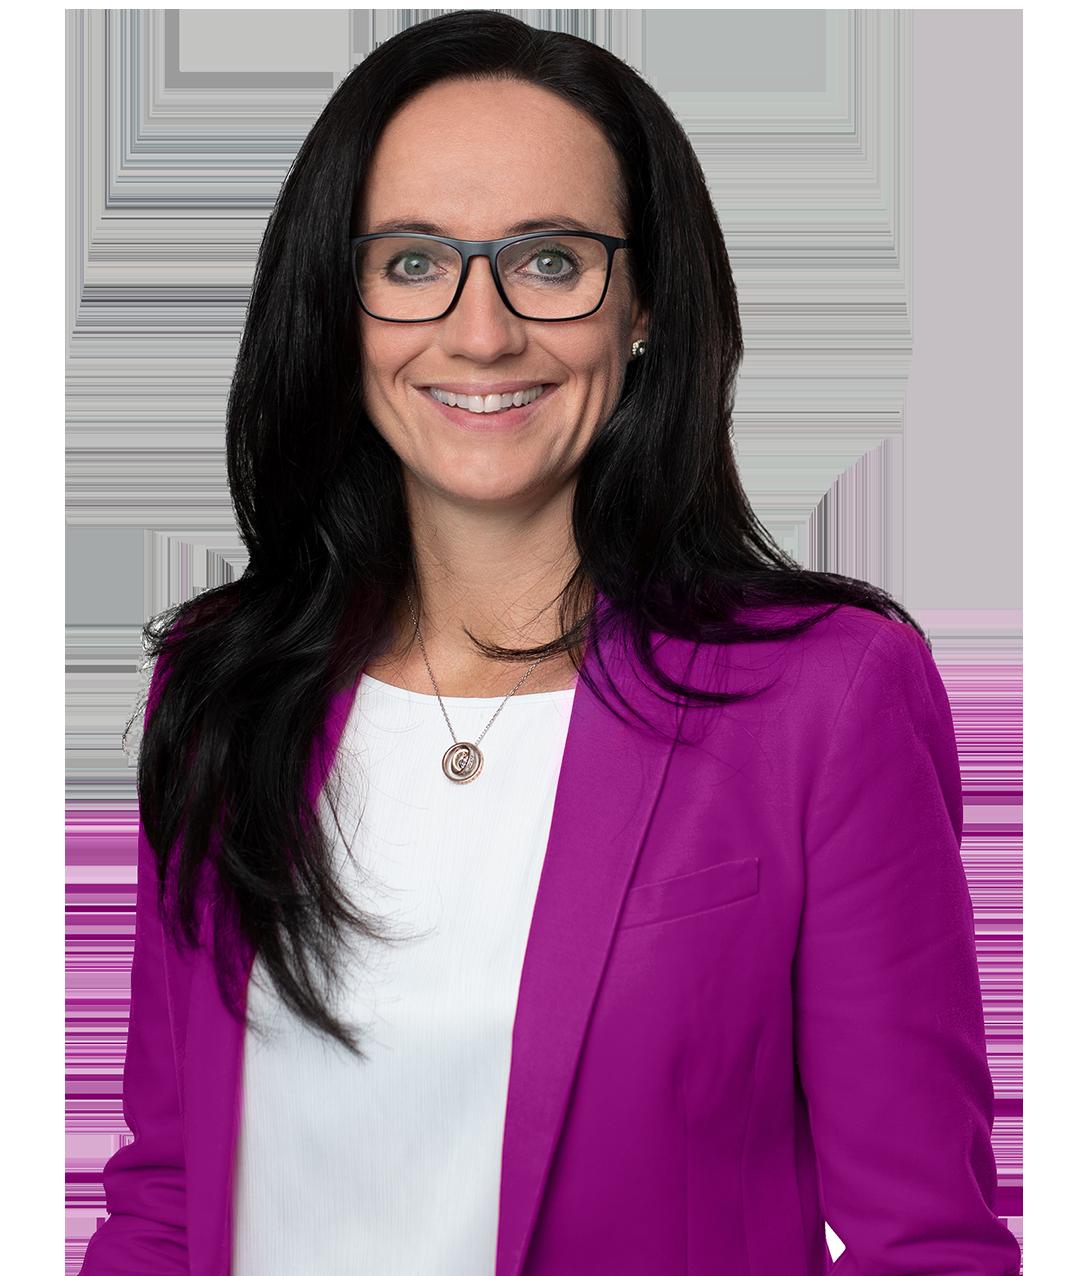 Silvia Gebhard Existenzanalytikerin in Salzburg bietet Coaching, Beratung, Training und Existenzanalyse an